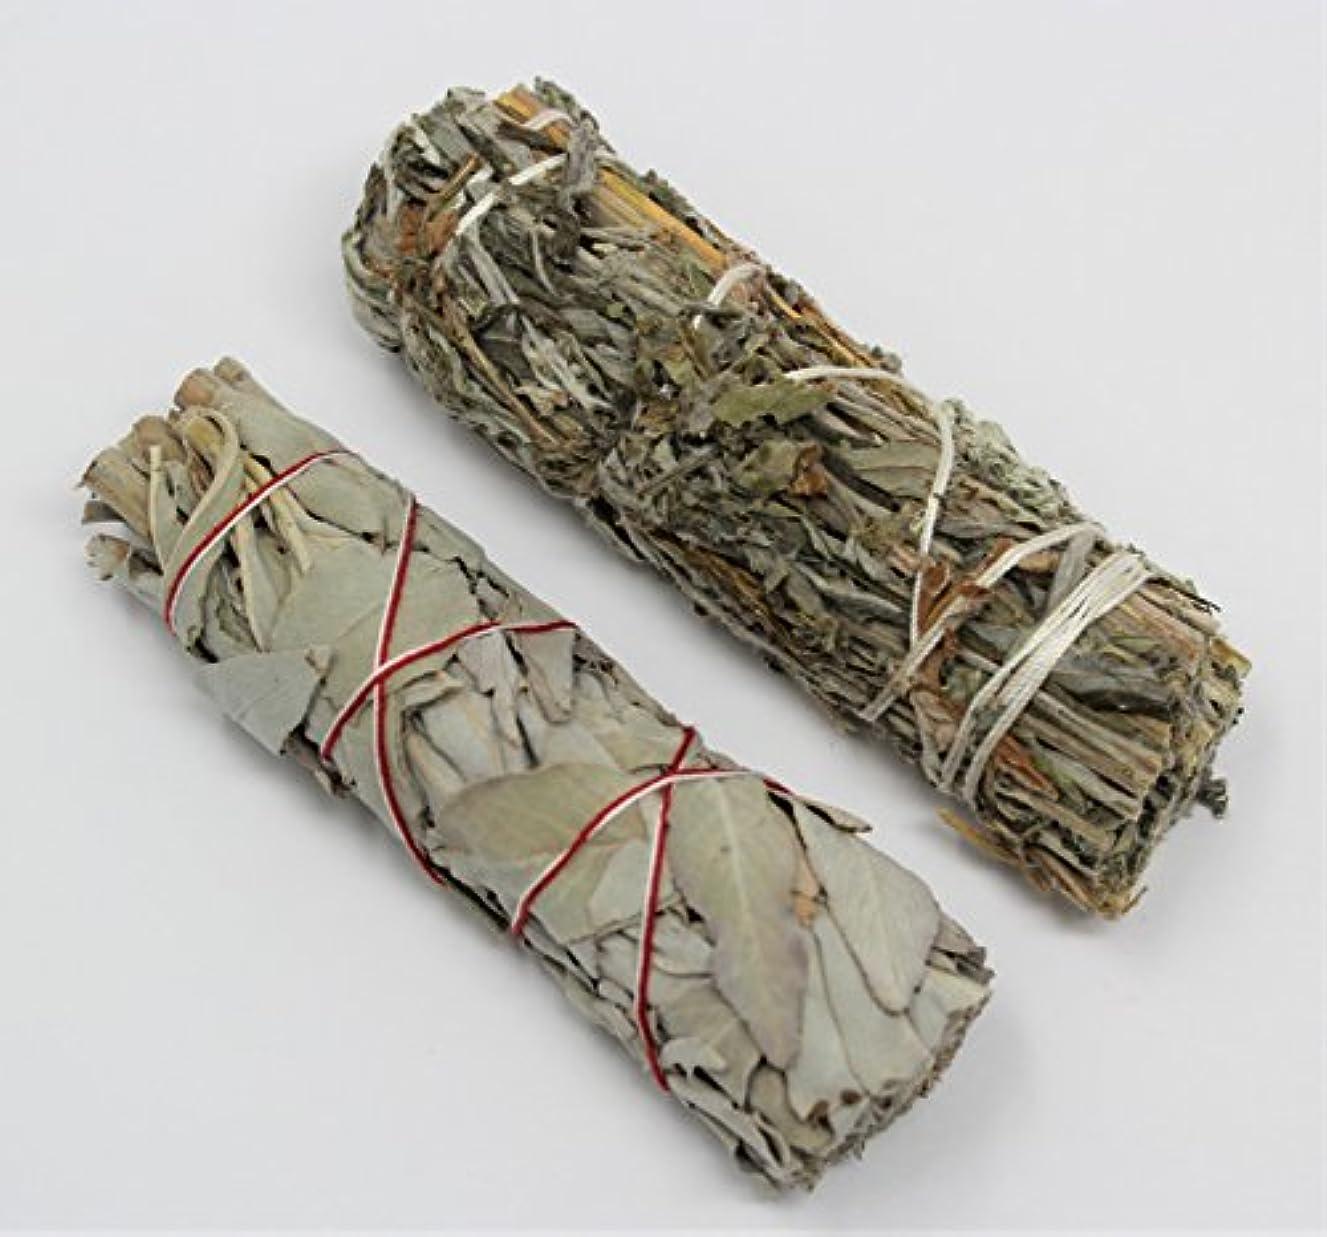 いたずら完全に乾くびっくりカリフォルニアホワイトセージ、ブラックセージ( Mugwort ) Smudge Sticks 2 Pack